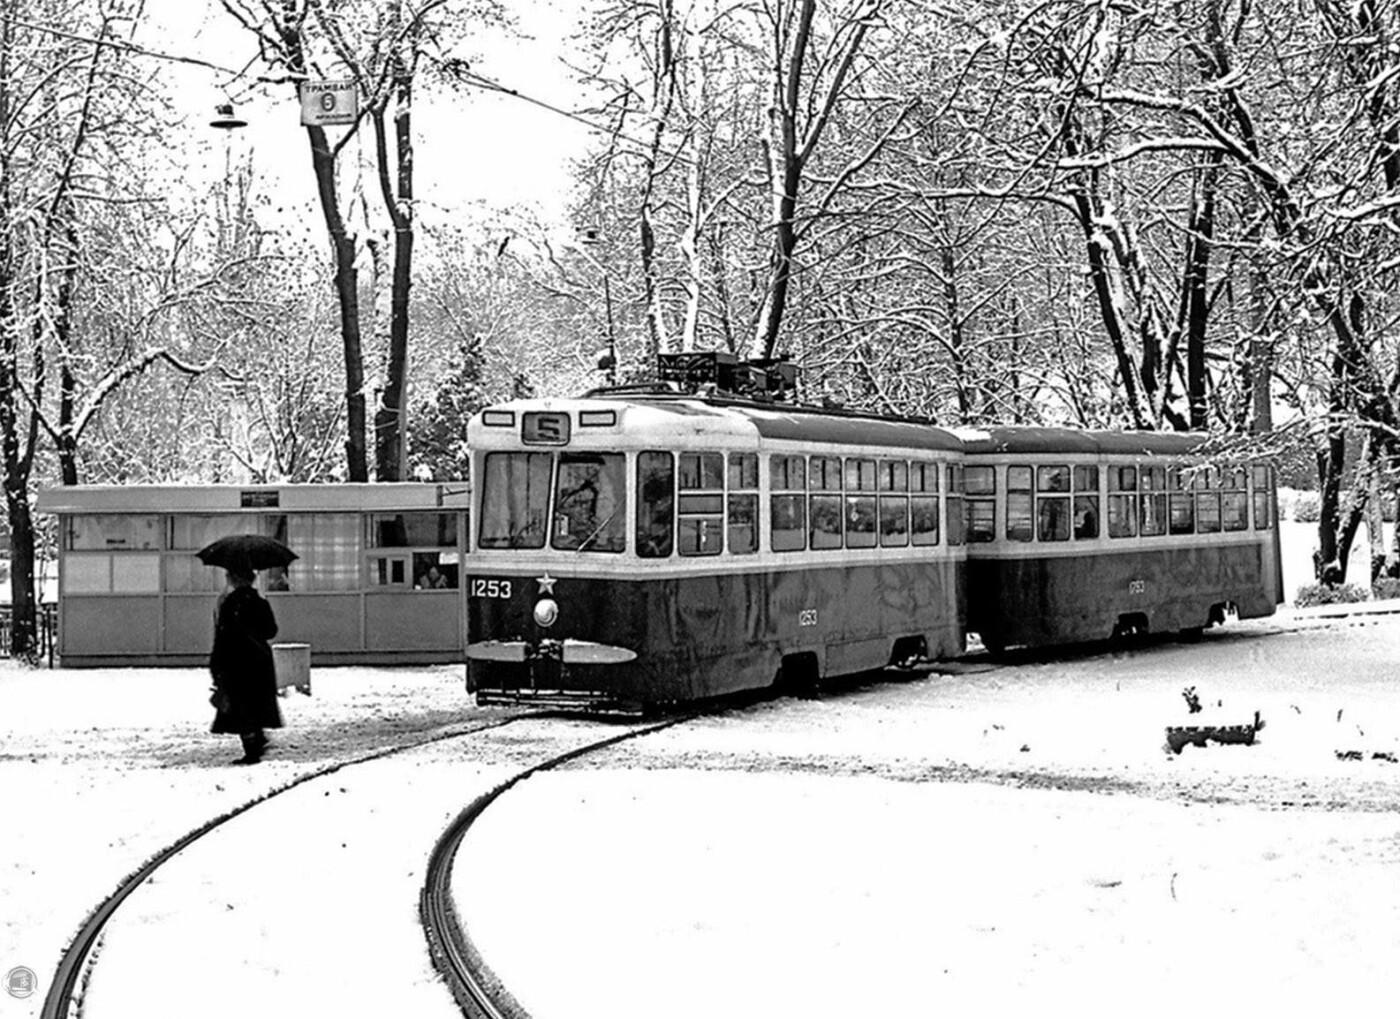 Старая Одесса и трамвайчики: подборка фотографий, сделанных много лет назад, - ФОТО, фото-2